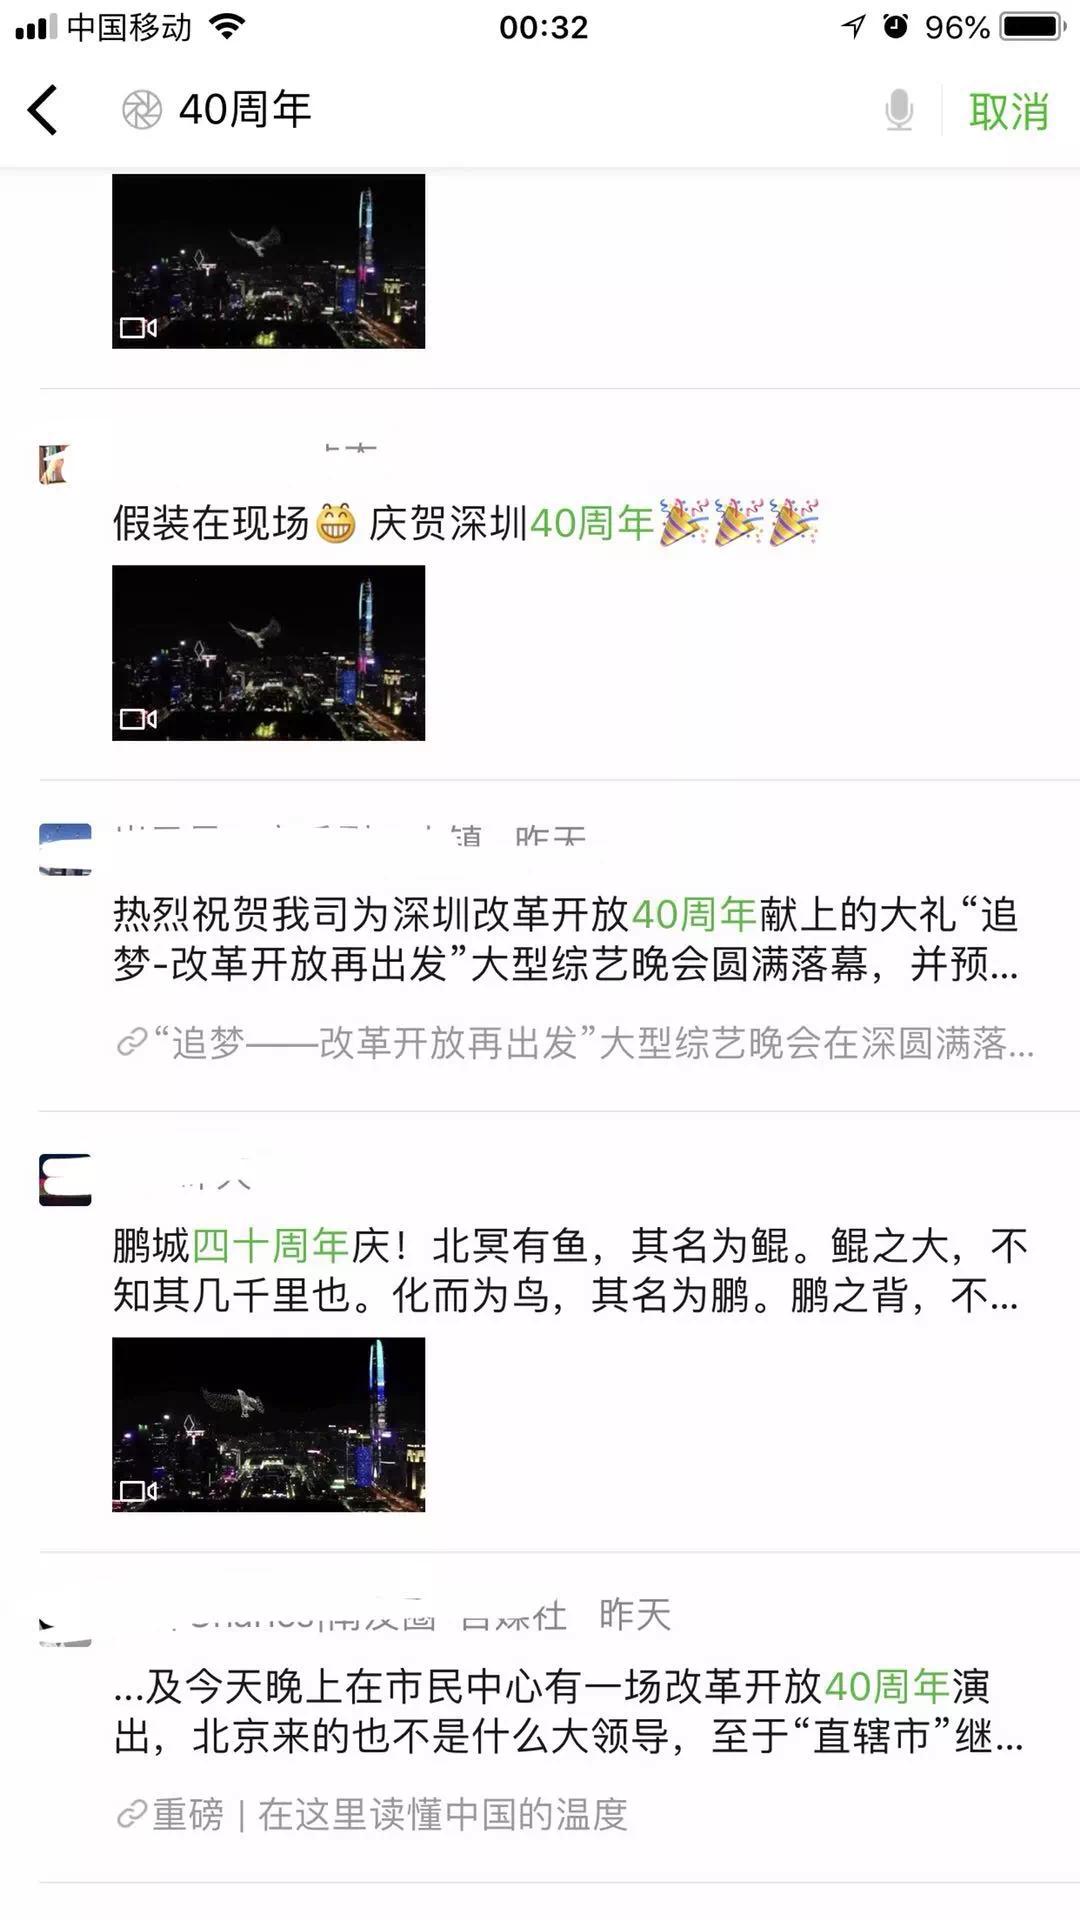 昨夜深圳星光灿烂,800台无人机大鹏展翅纪念改革开放40周年